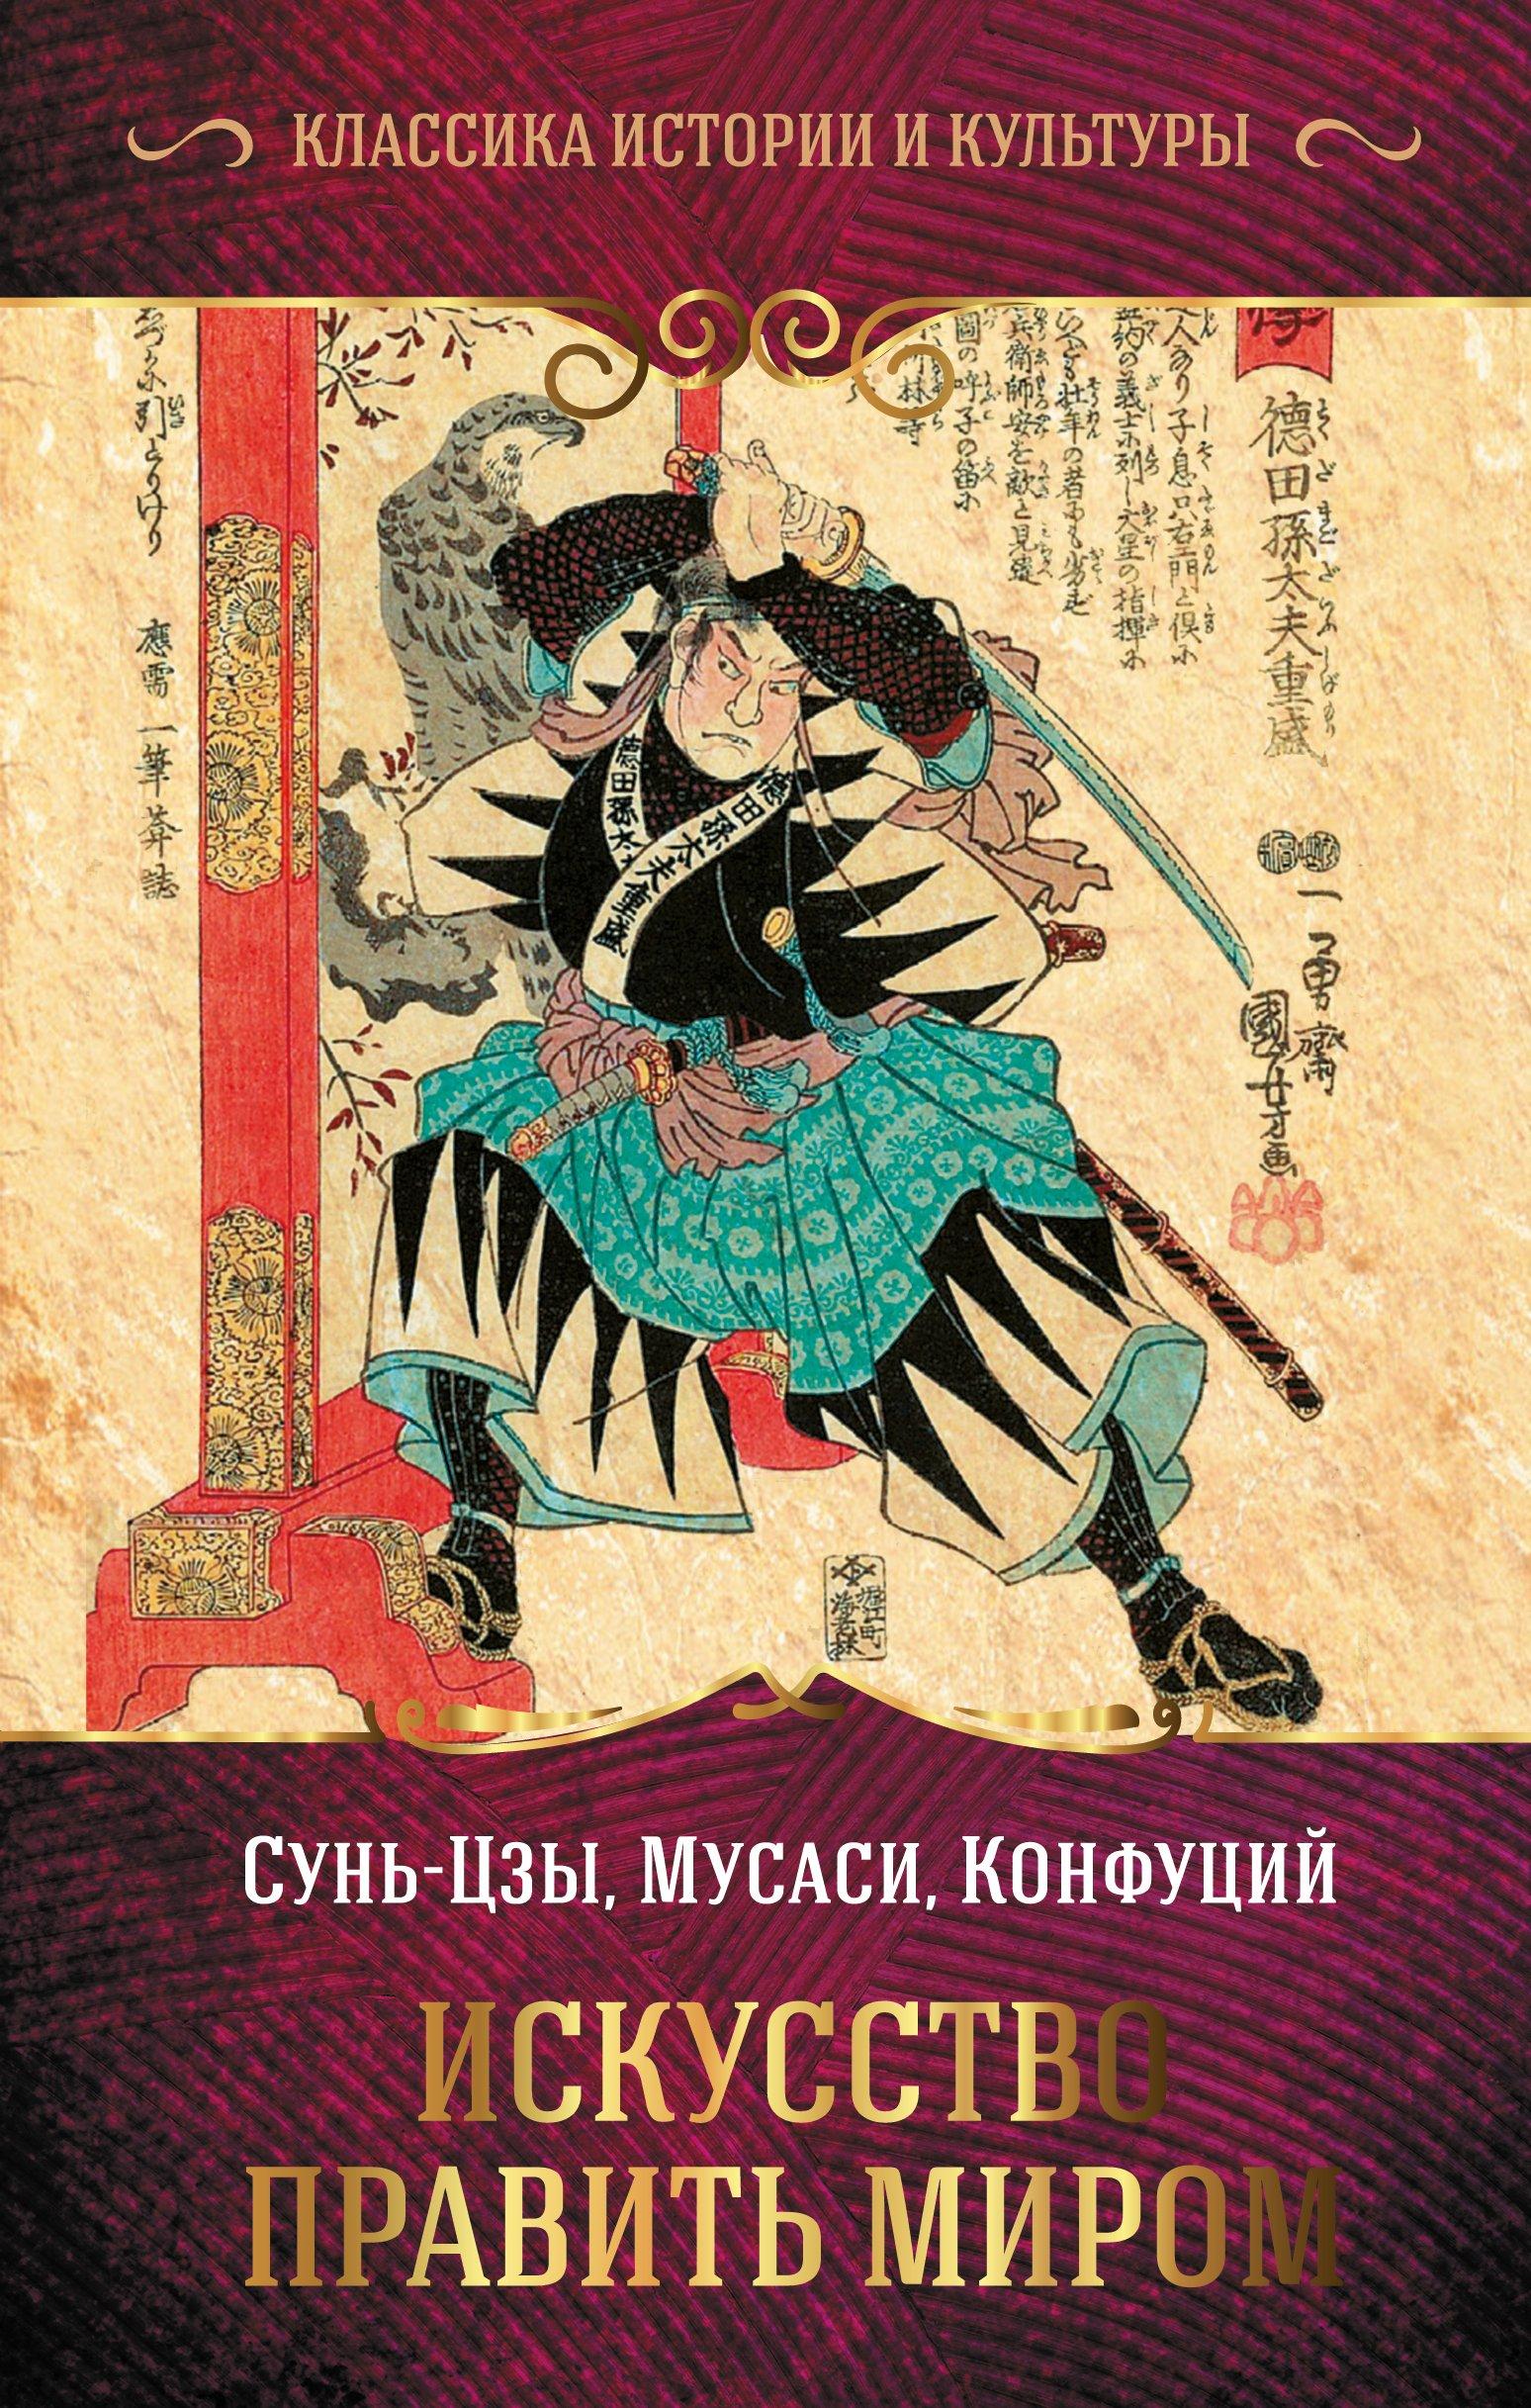 Купить книгу Искусство править миром, автора Сунь-цзы